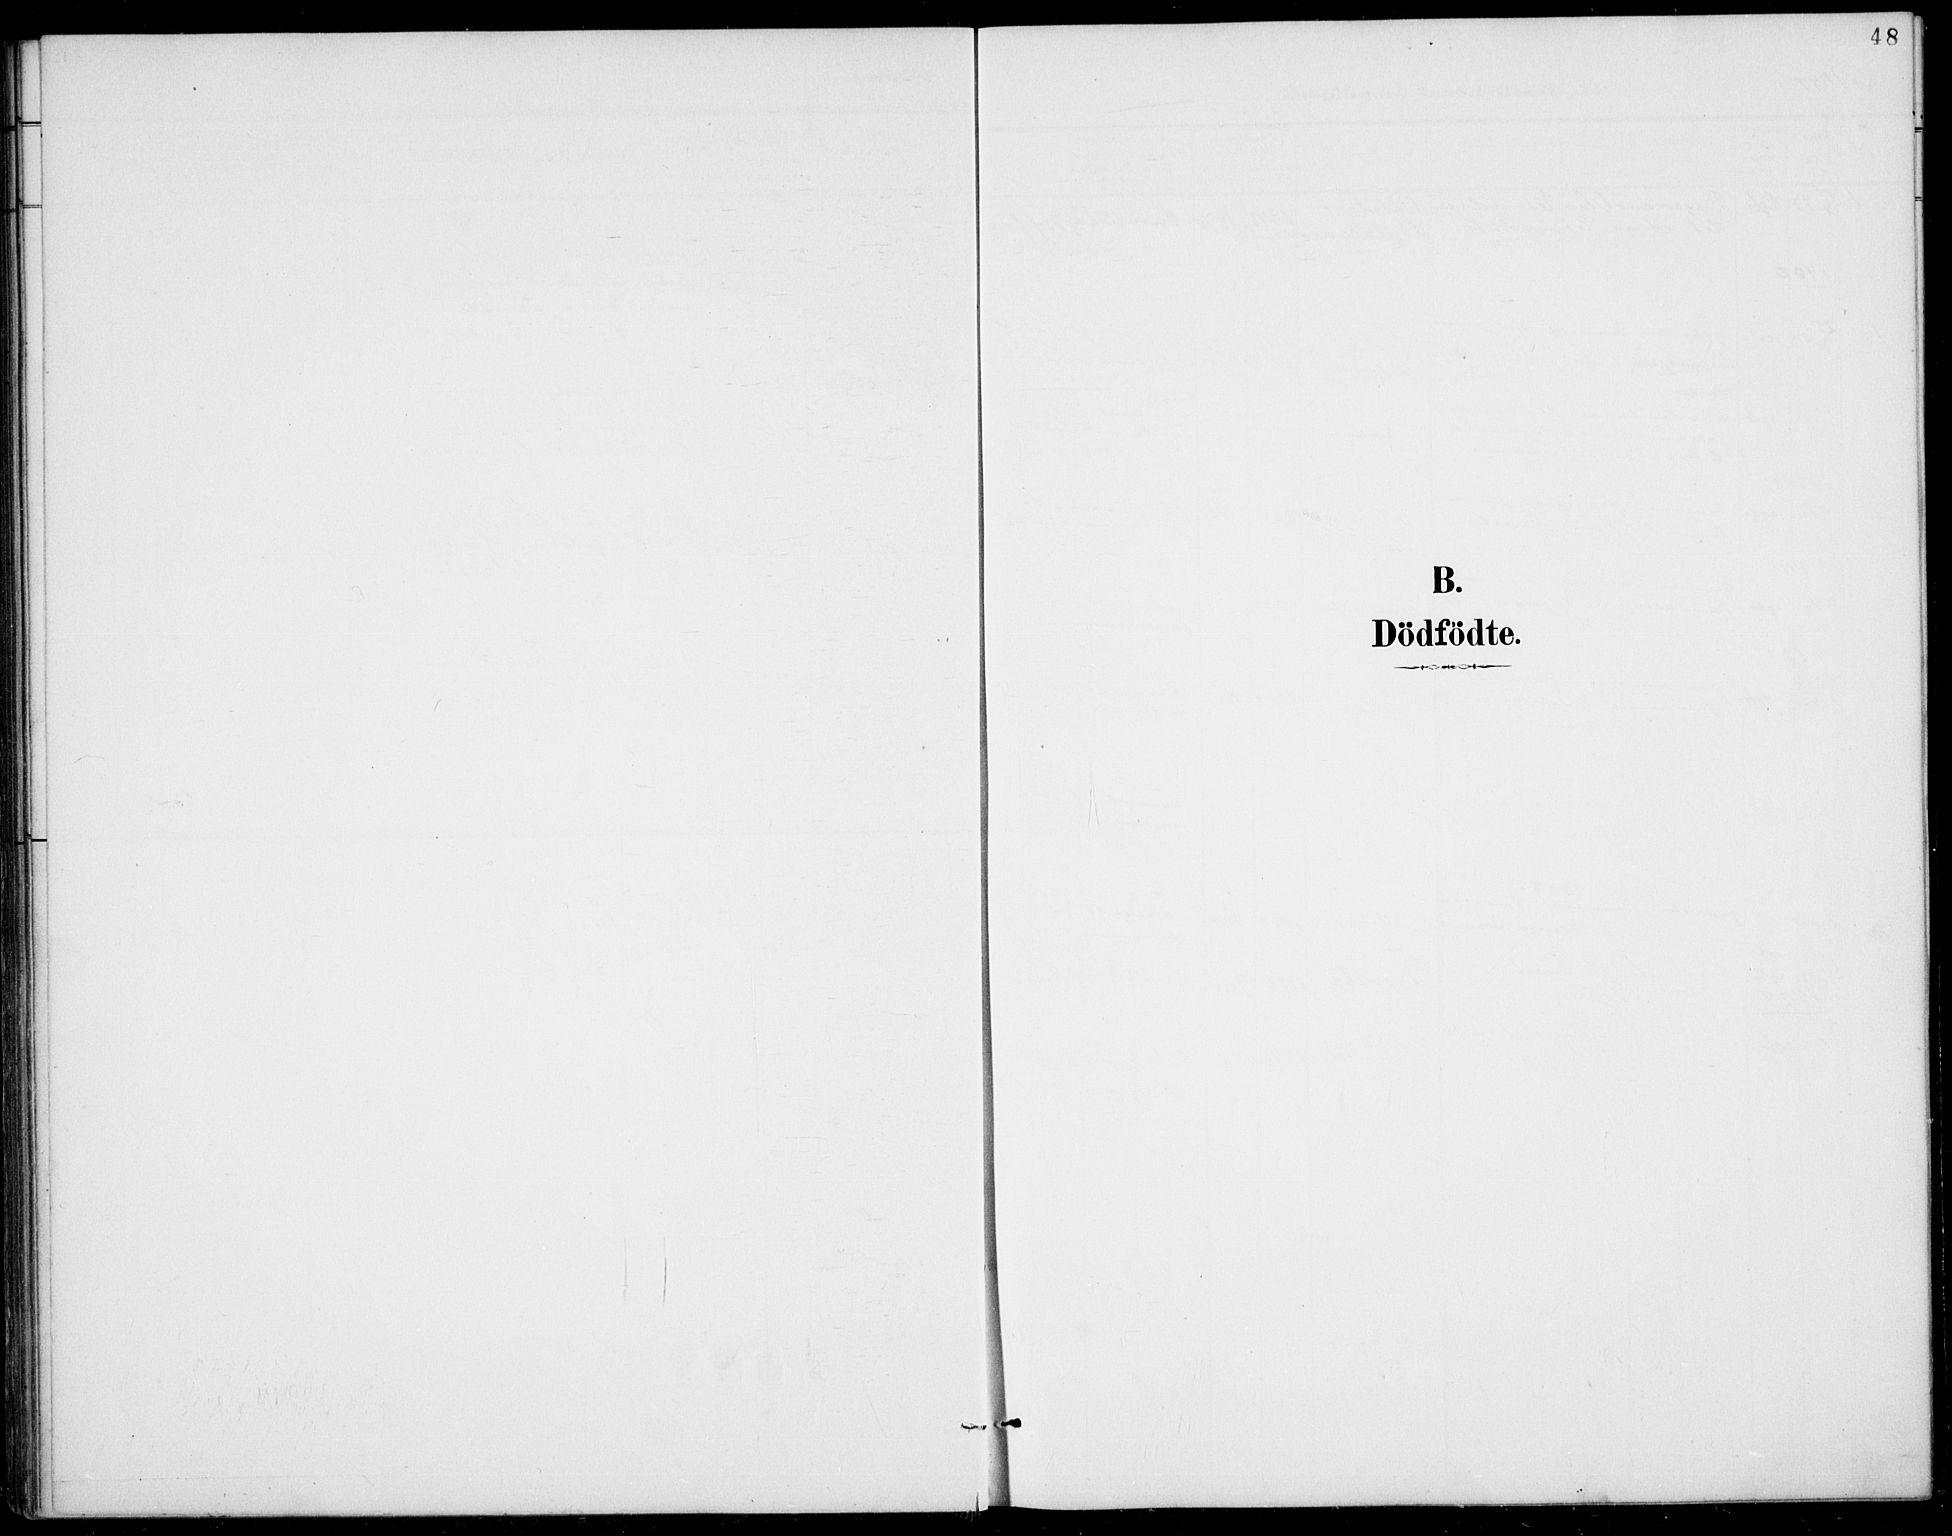 SAKO, Rauland kirkebøker, G/Gb/L0002: Klokkerbok nr. II 2, 1887-1937, s. 48